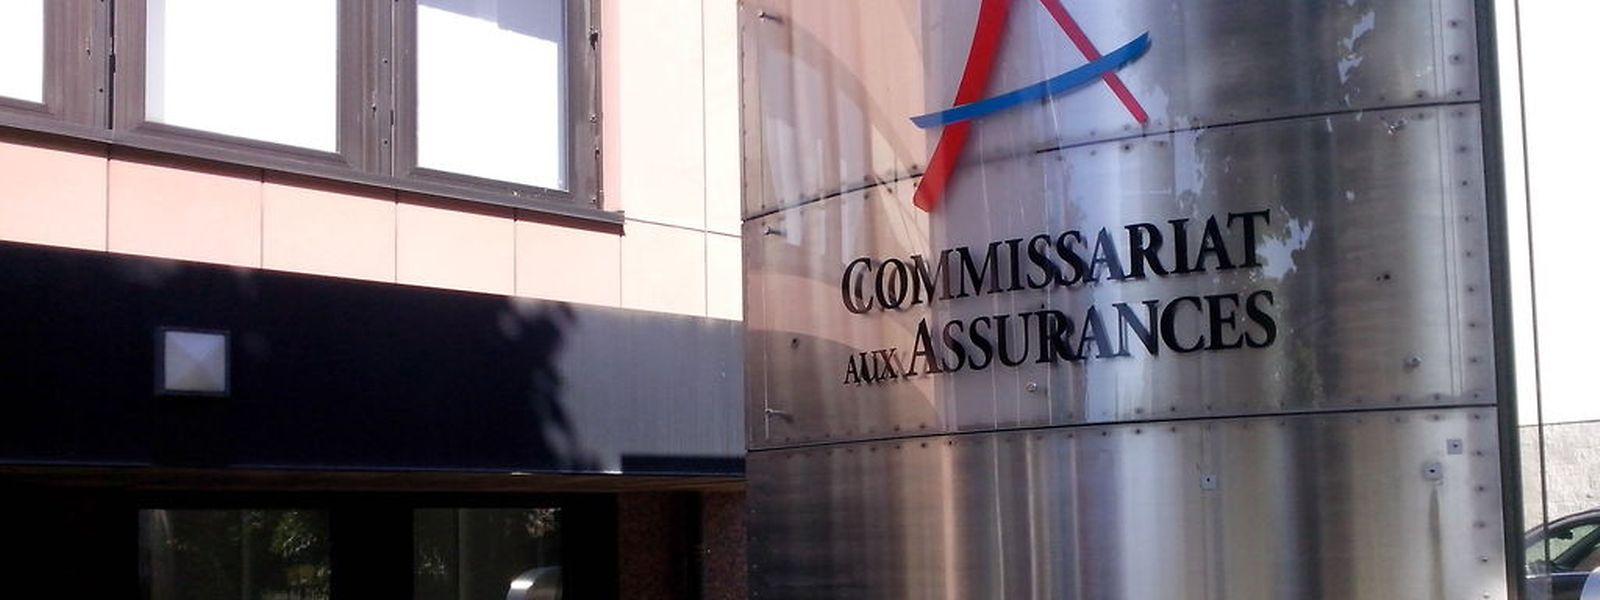 Das Commissariat aux assurances verzeichnet einen weiteren Rückgang.